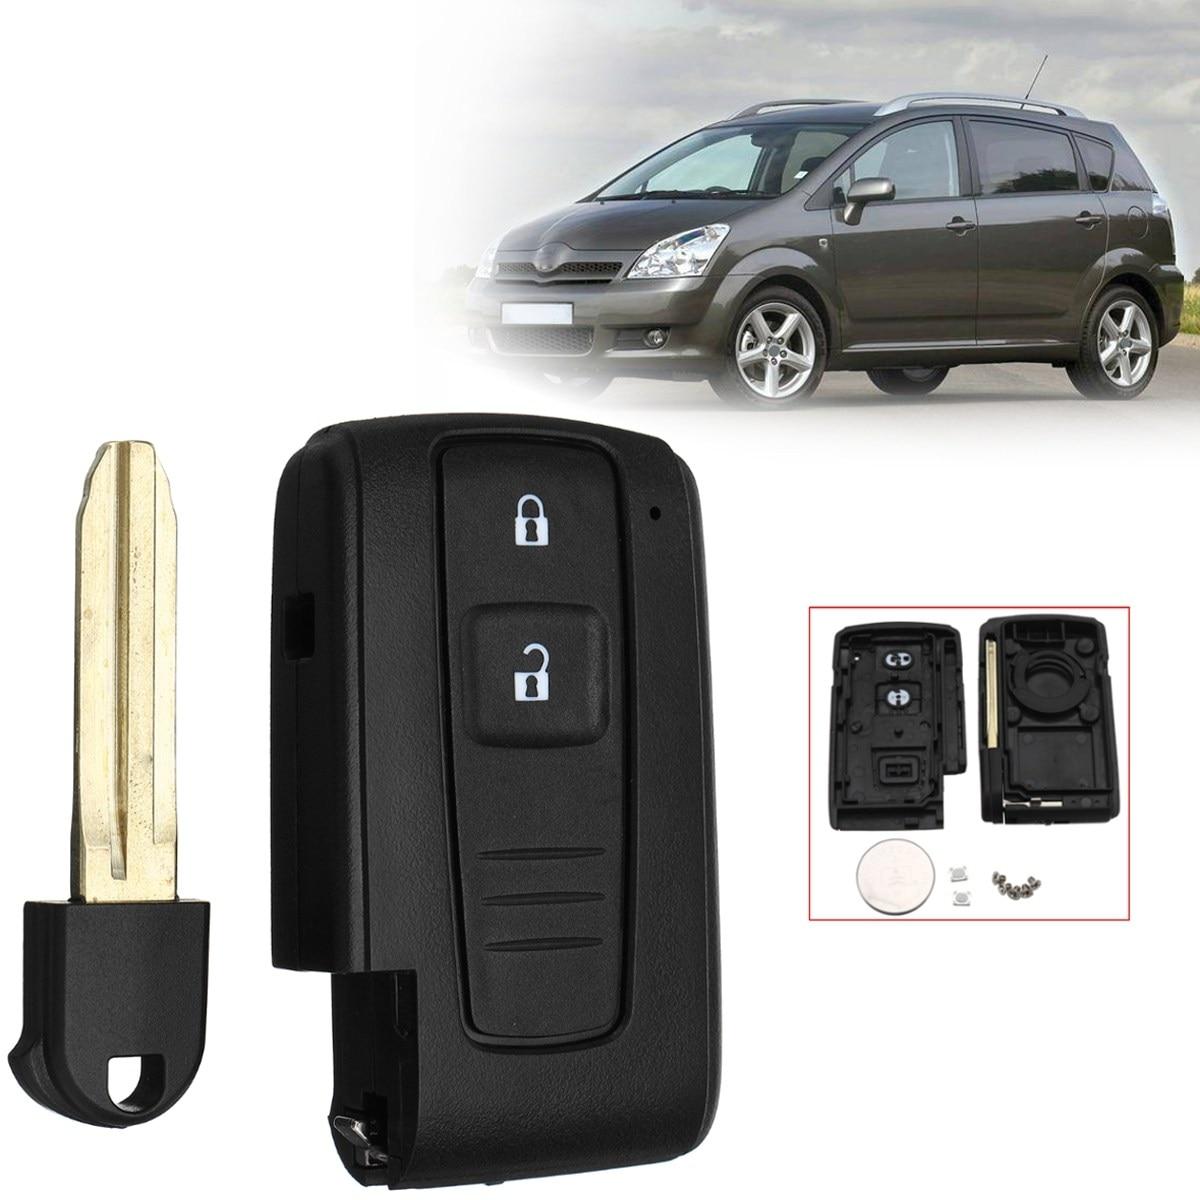 2 Boutons Ouvert Serrure De Voiture À Distance Clé Fob Cas Shell Avec Batterie Pour Toyota Corolla Verso Prius